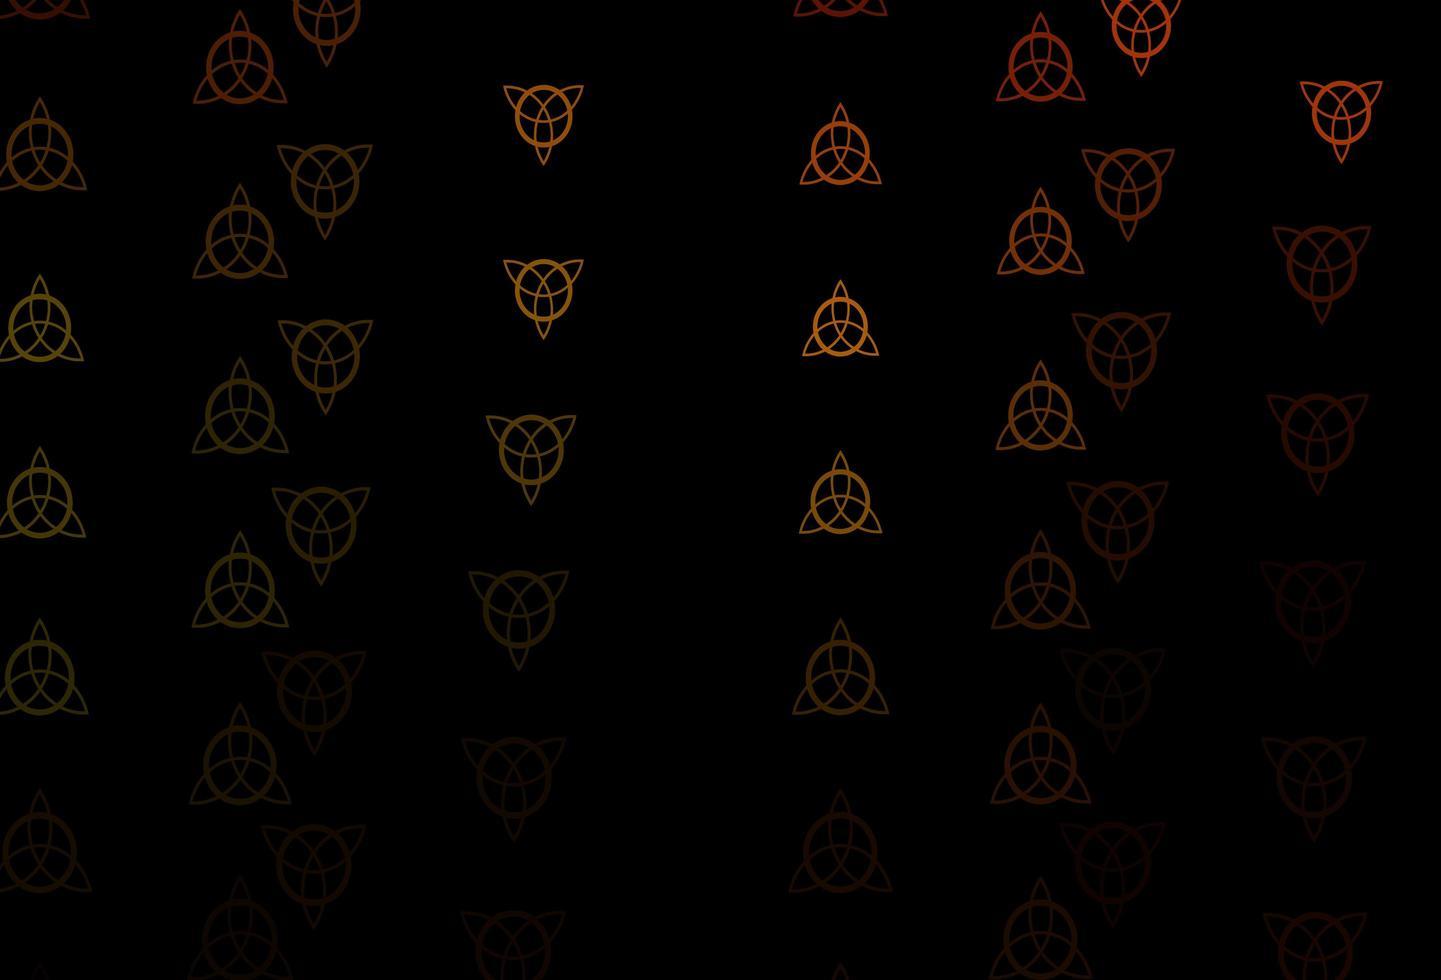 mörkgrön, gul vektorbakgrund med mysteriesymboler. vektor